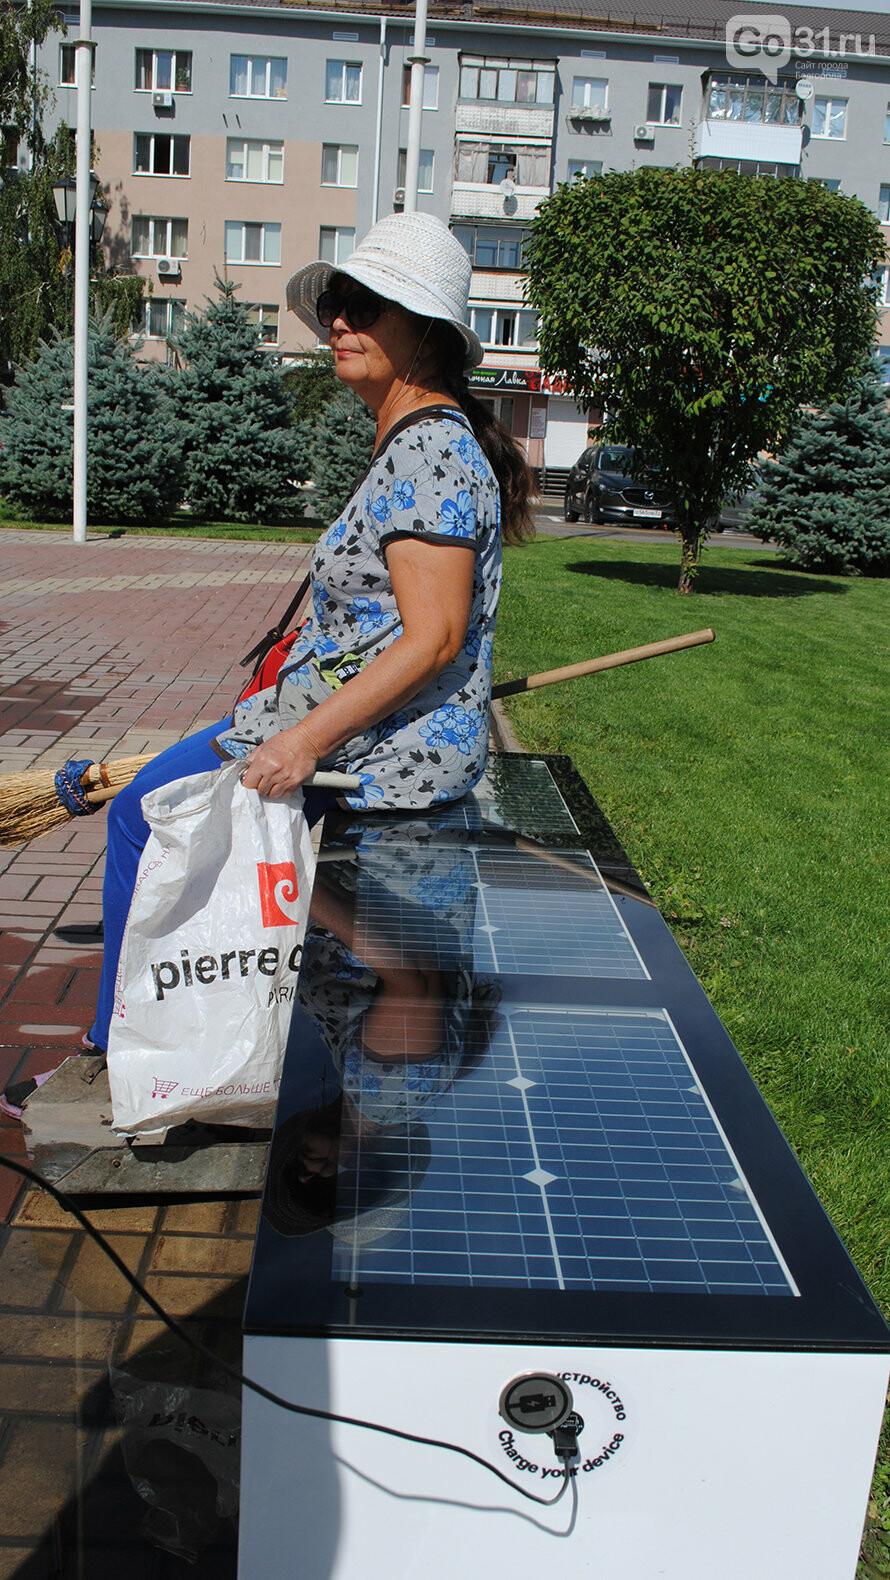 Зарядись от лавочки! Скамейка на солнечных батареях появилась Белгороде, фото-1